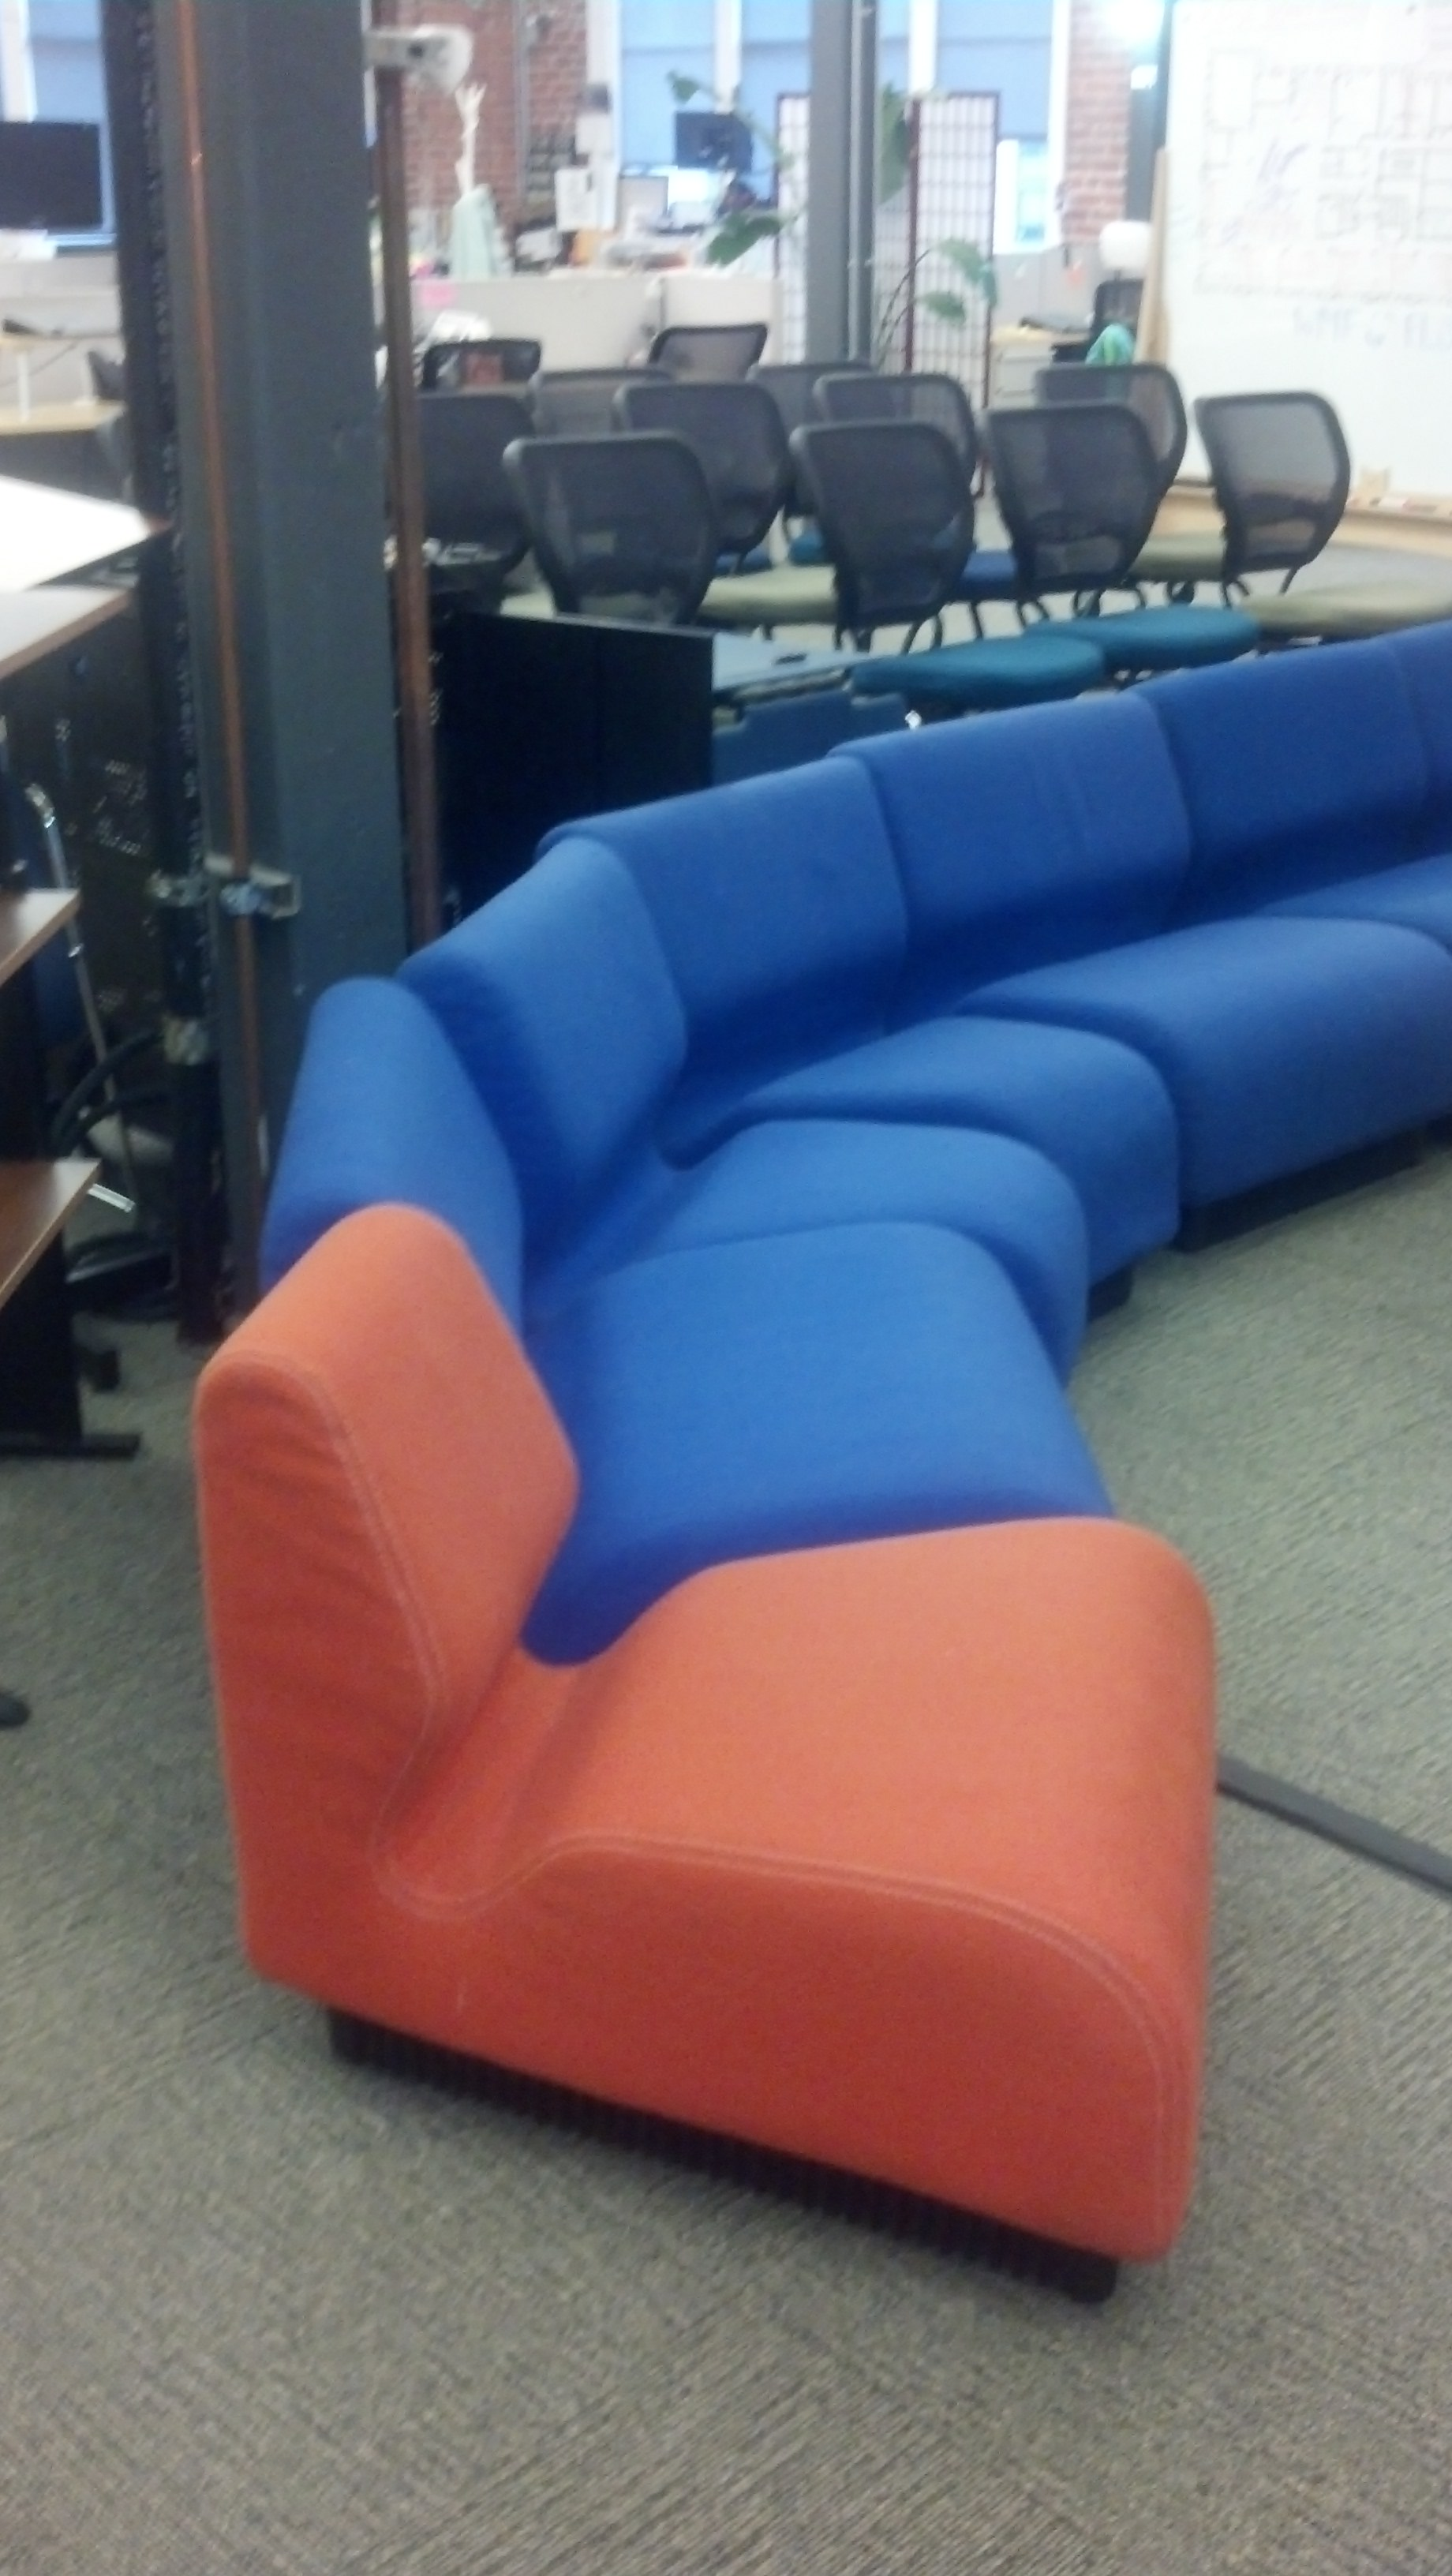 File:Chadwick Modular Sofa